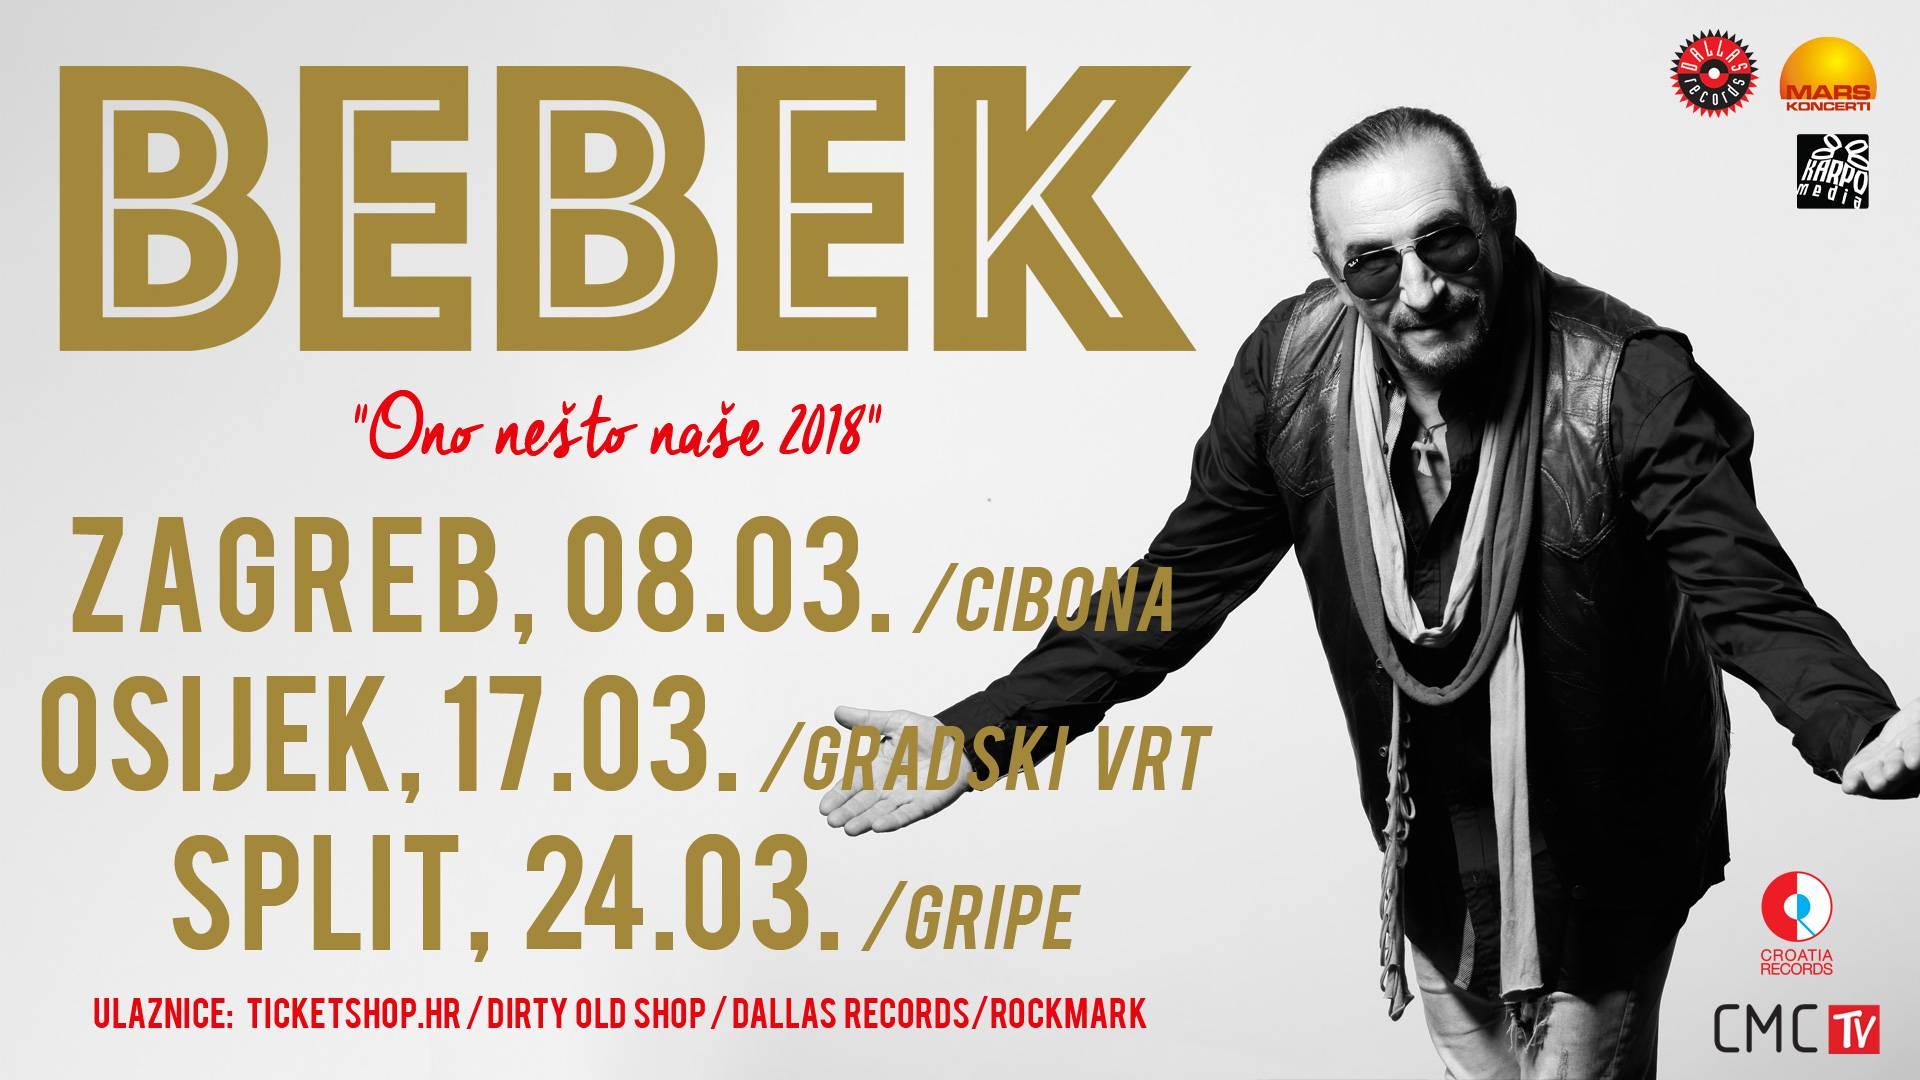 """Željko Bebek: Regionalna turneja """"Ono nešto naše"""""""